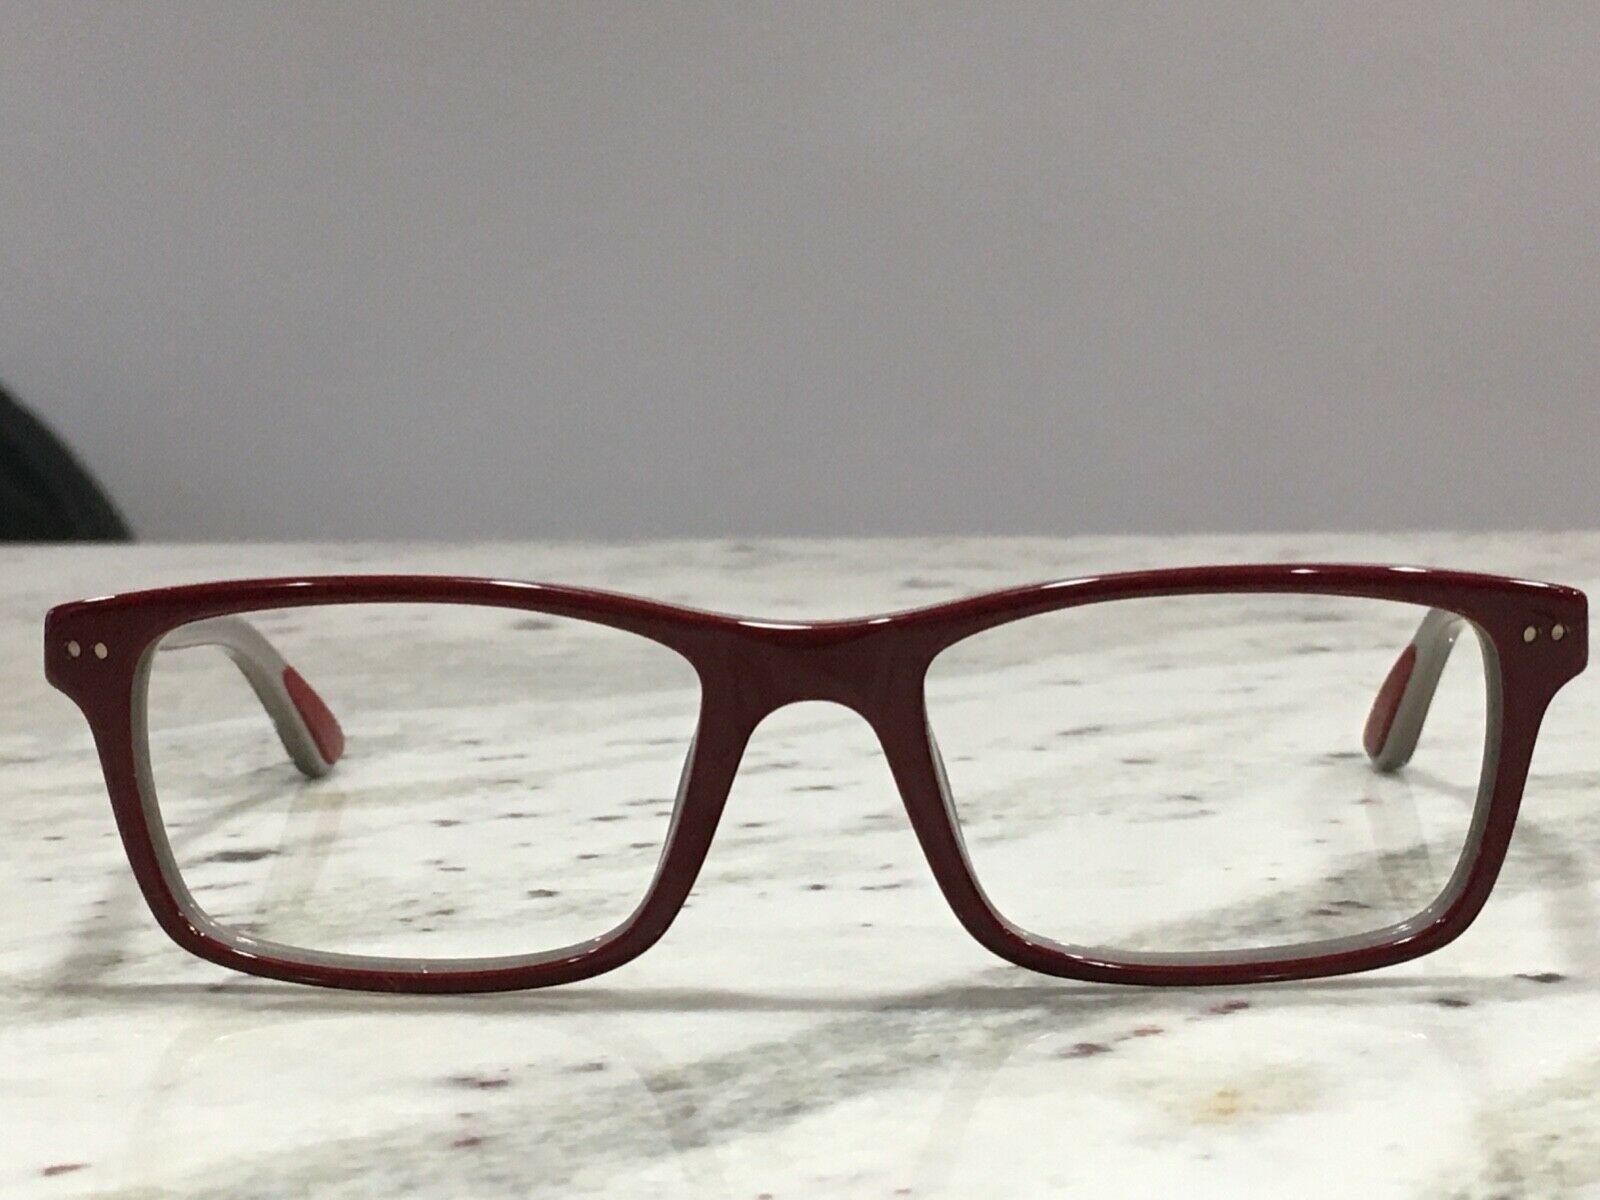 e32098e971244 Used Ray Ban Eyeglasses RB5288 5178 52 18 140 Bordeaux on Gray demo men  women